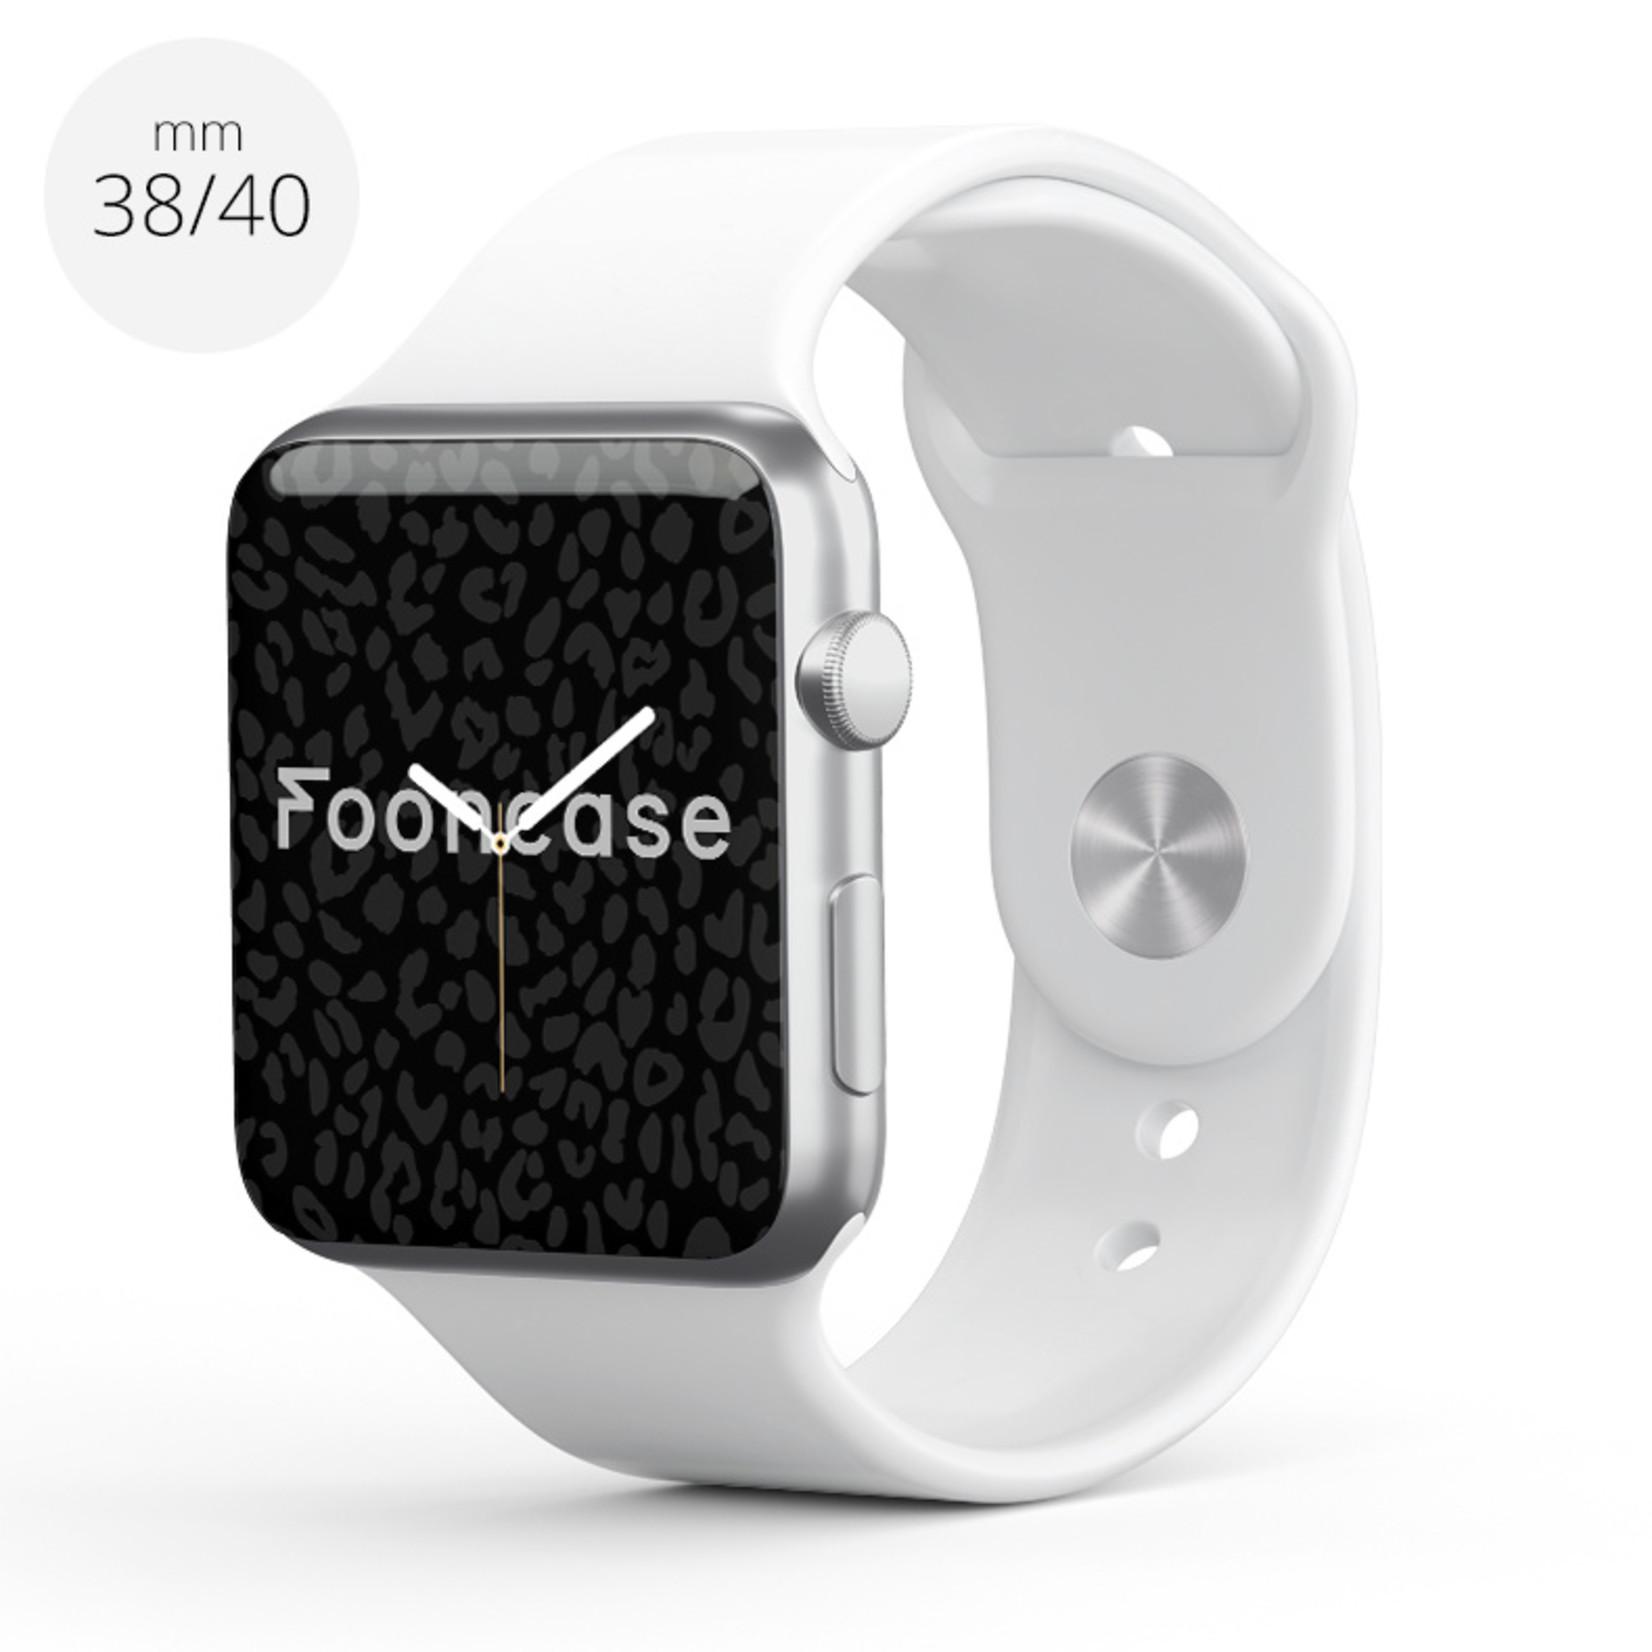 FOONCASE Apple Watch Series (1 t/m 6 / SE) - Wit - 38/40mm